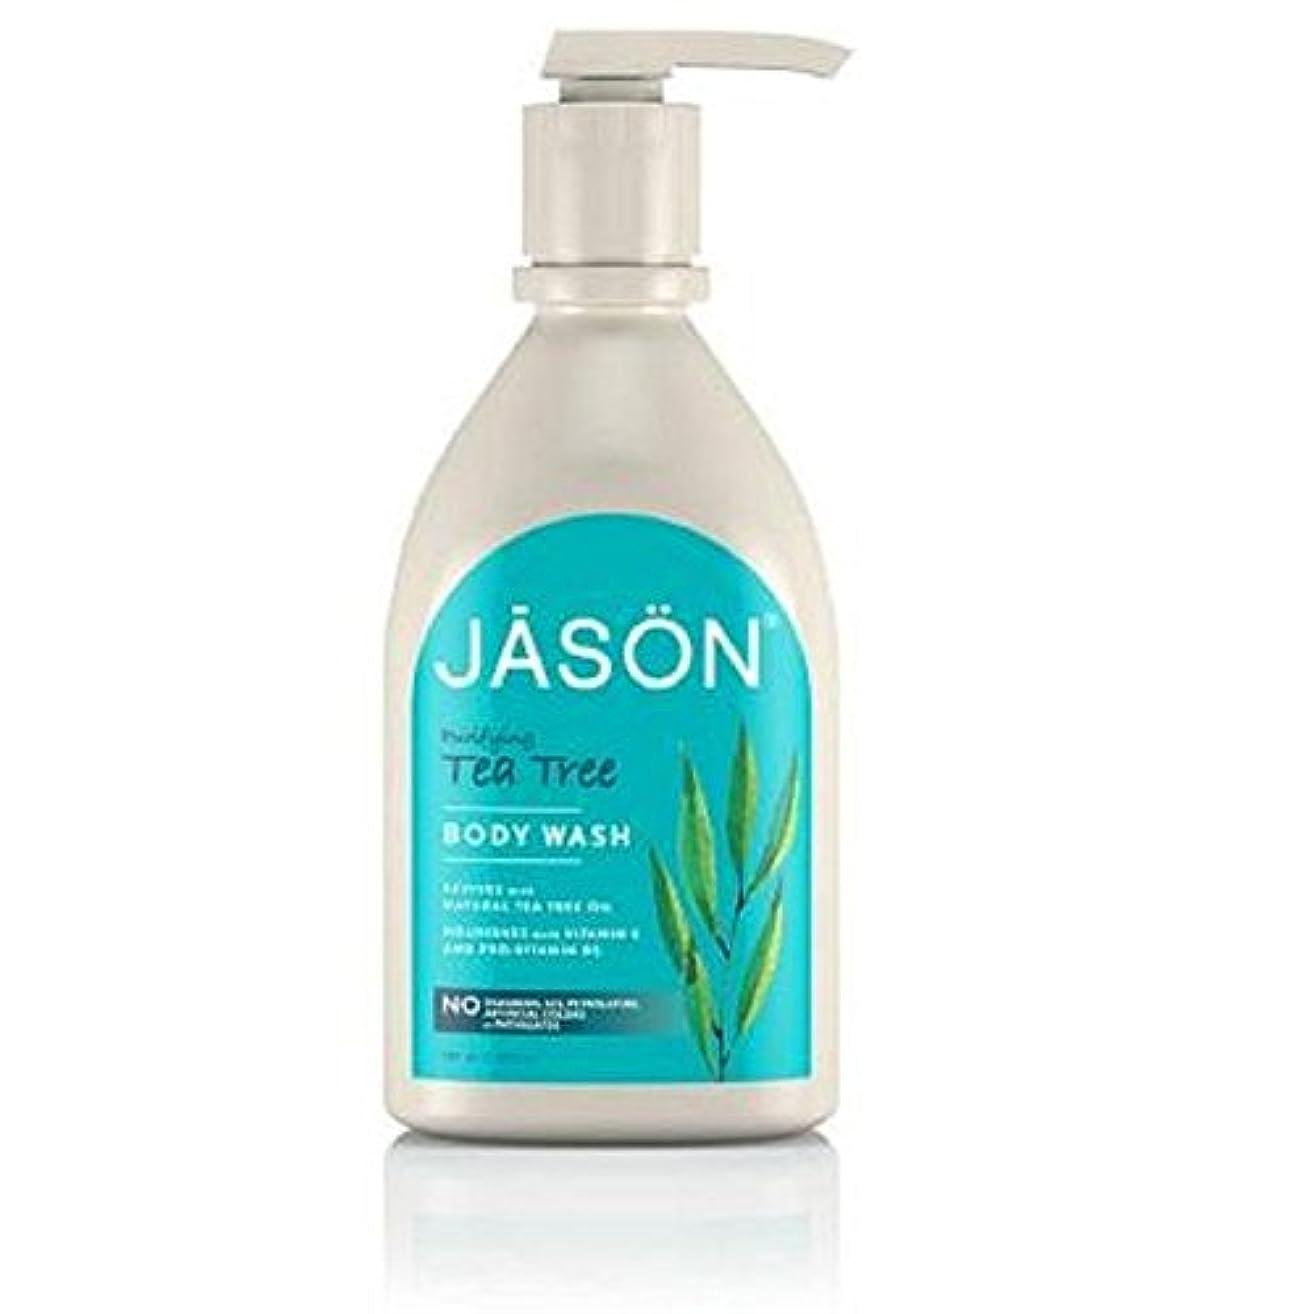 騙す湿原葡萄Jason Tea Tree Satin Body Wash Pump 900ml - ジェイソン?ティーツリーサテンボディウォッシュポンプ900ミリリットル [並行輸入品]